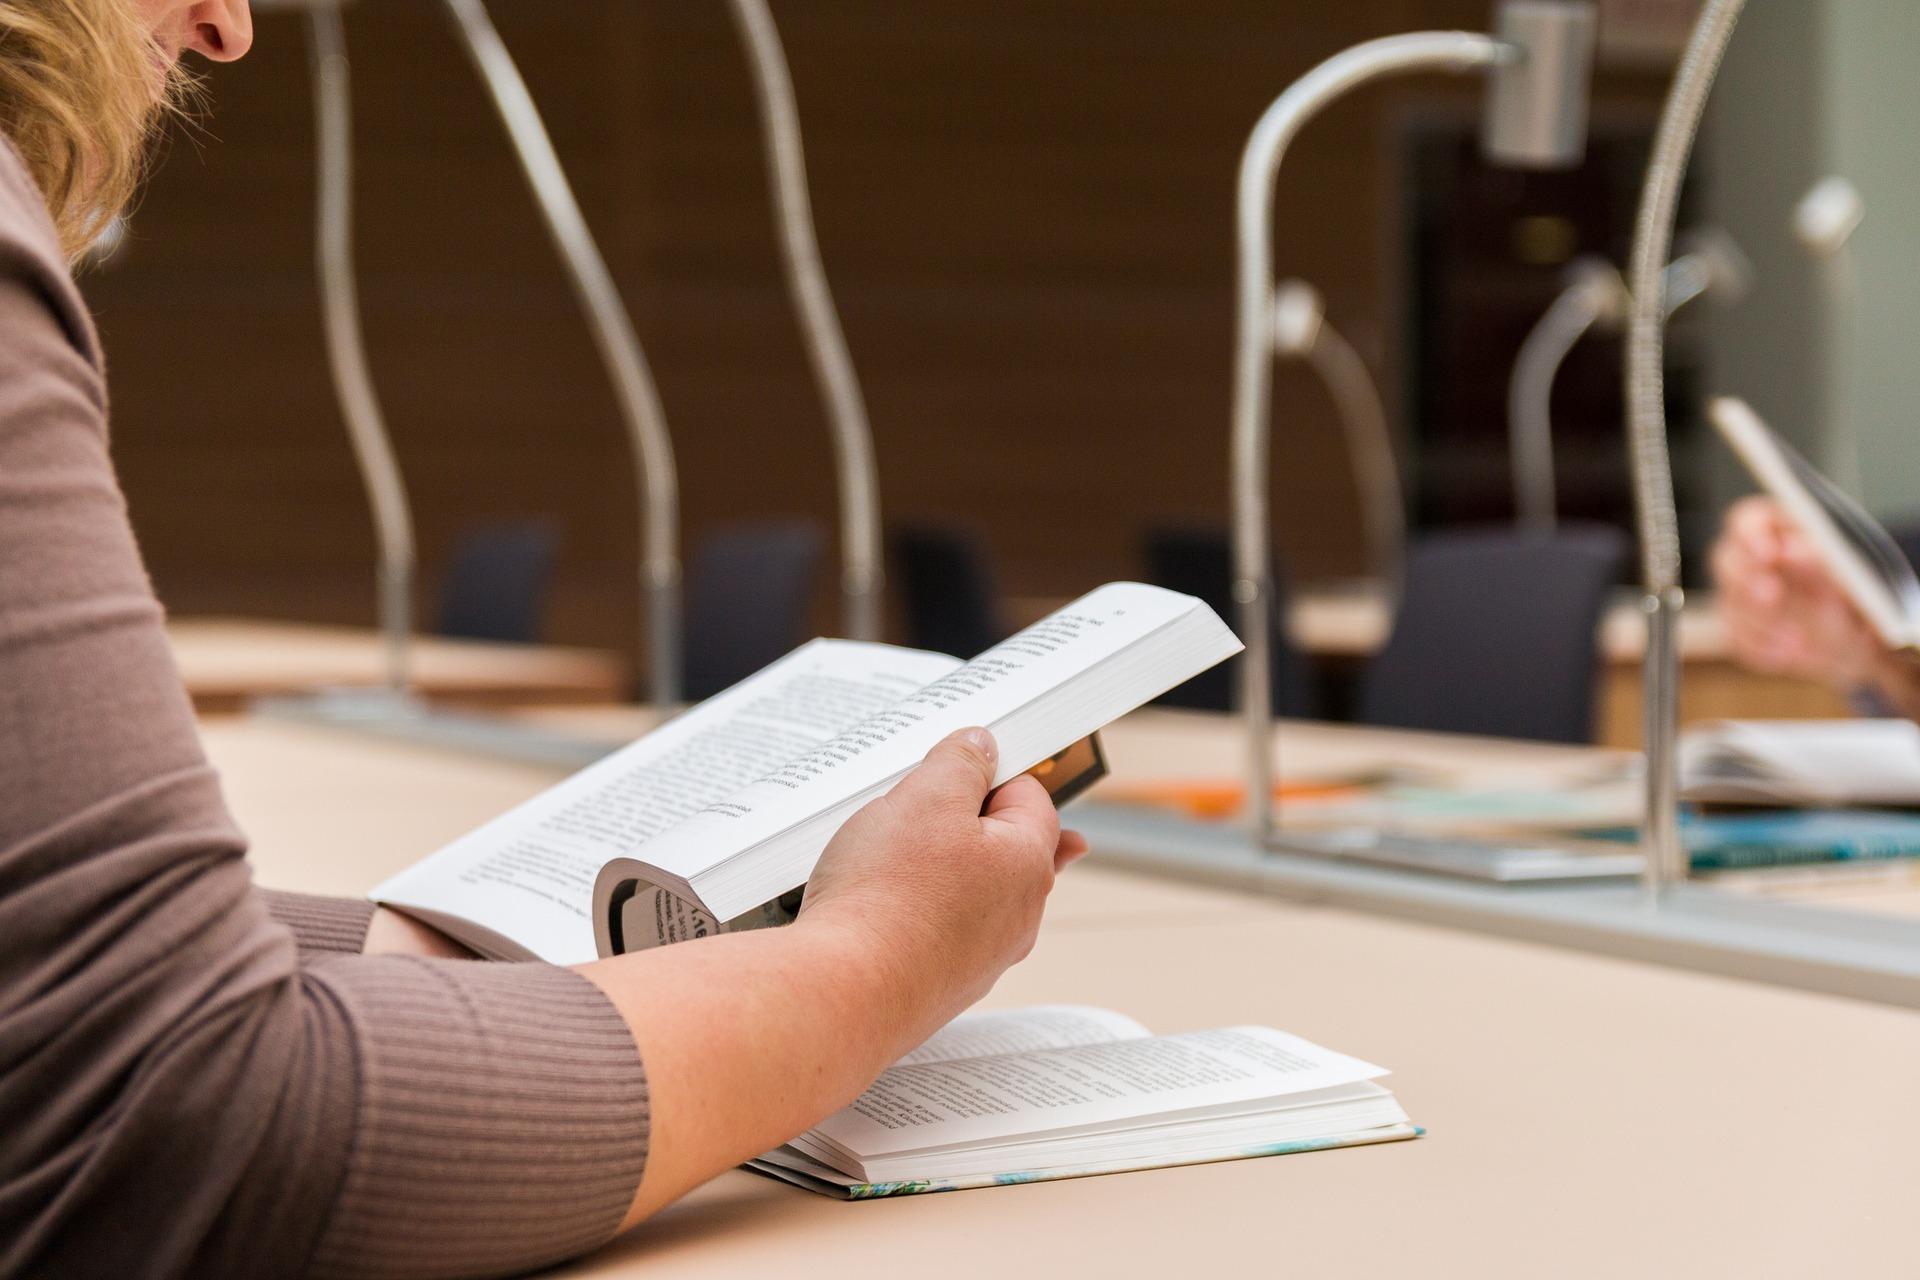 gestionar la época de exámenes